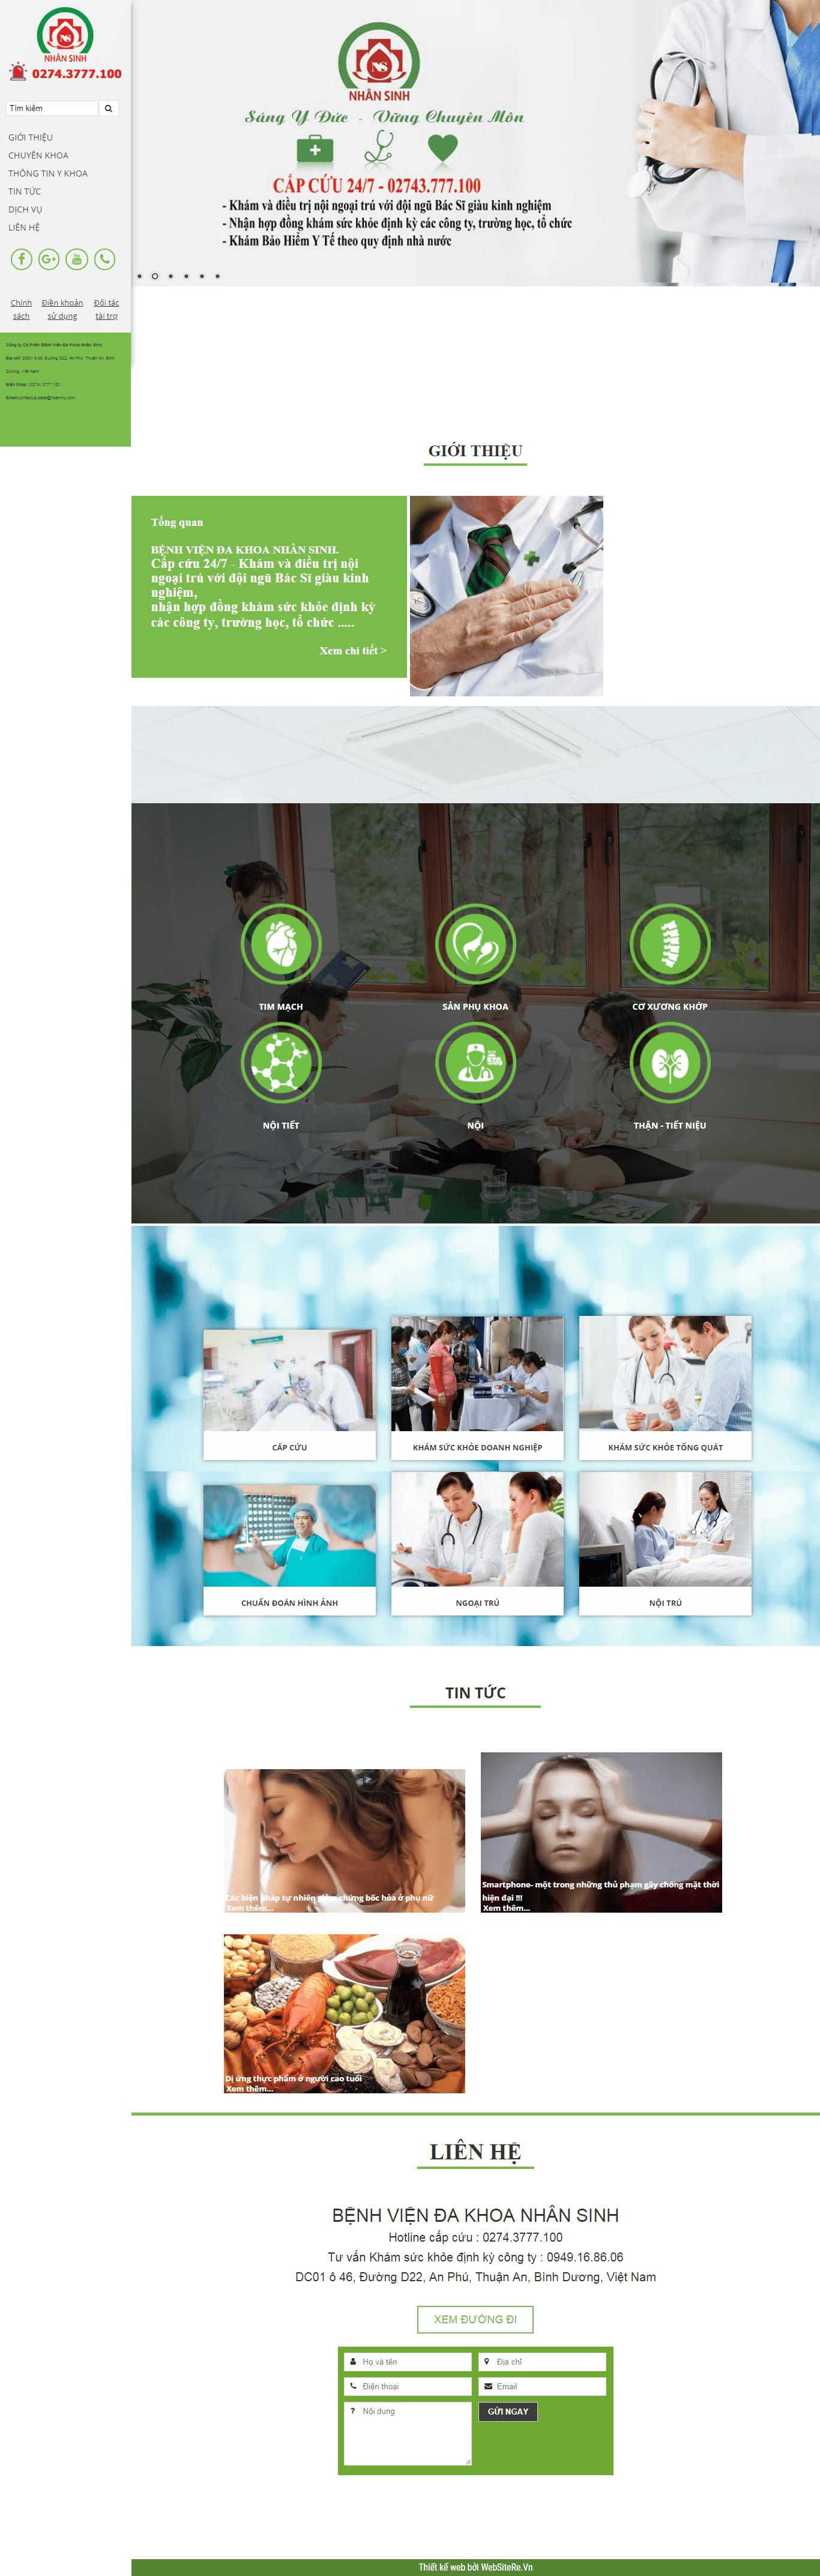 Thiết kế website y tế, uy tín chuyên nghiệp - dakhoanhansinh.com